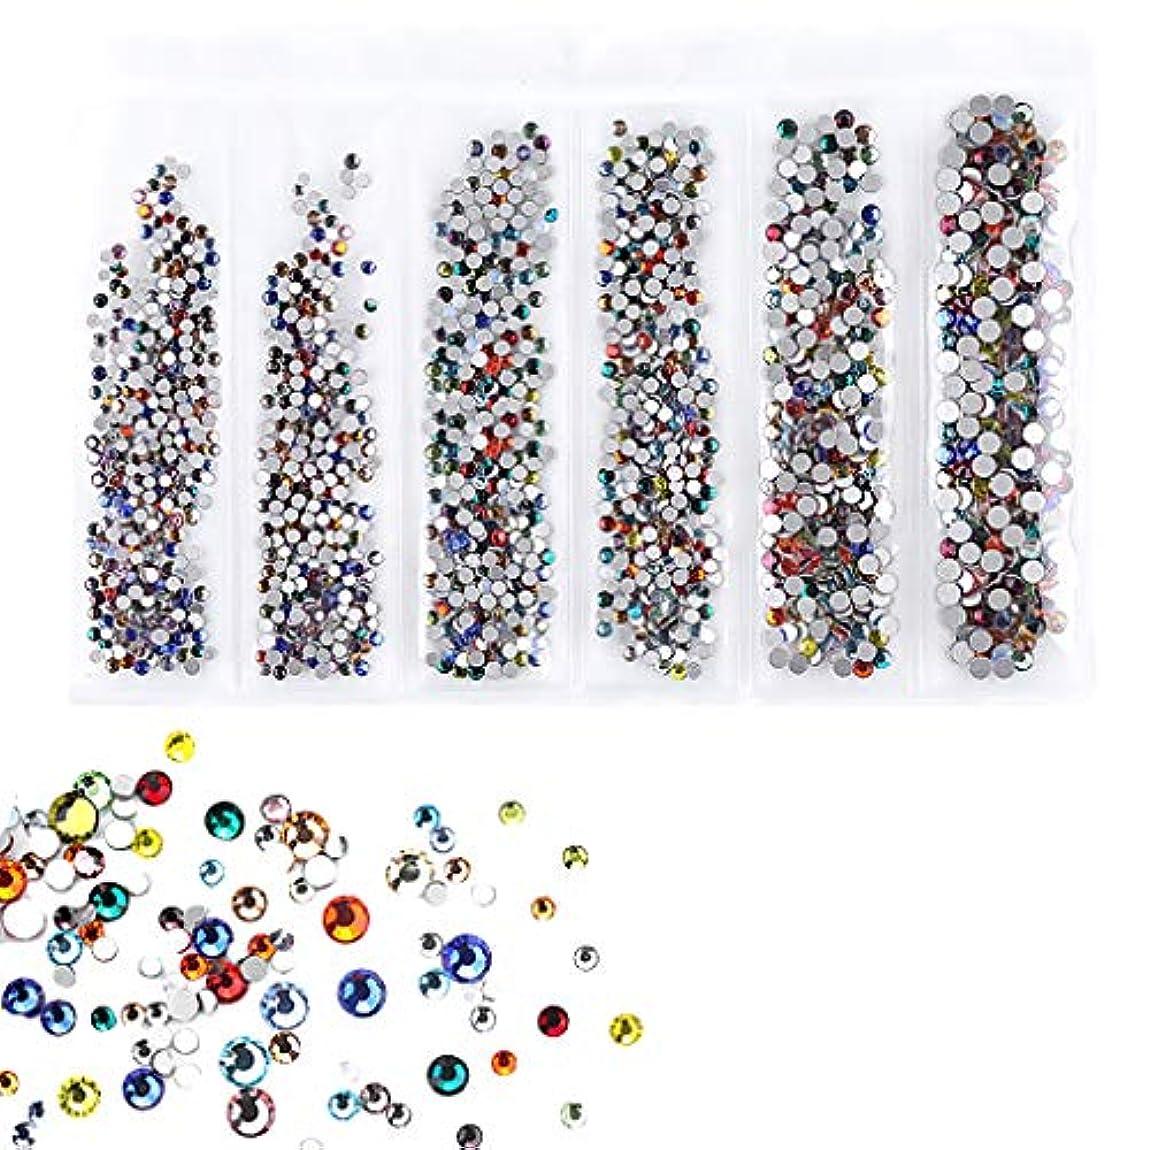 分布会員ストロークPosmant 便利な 高品質 耐久性あり カラフル 美容 ツール ネイル用品 ネイルドリル マニキュア ペディキュアファッション パーティー 多目的 マニキュア メイク 複数の色 選択できます 携帯便利